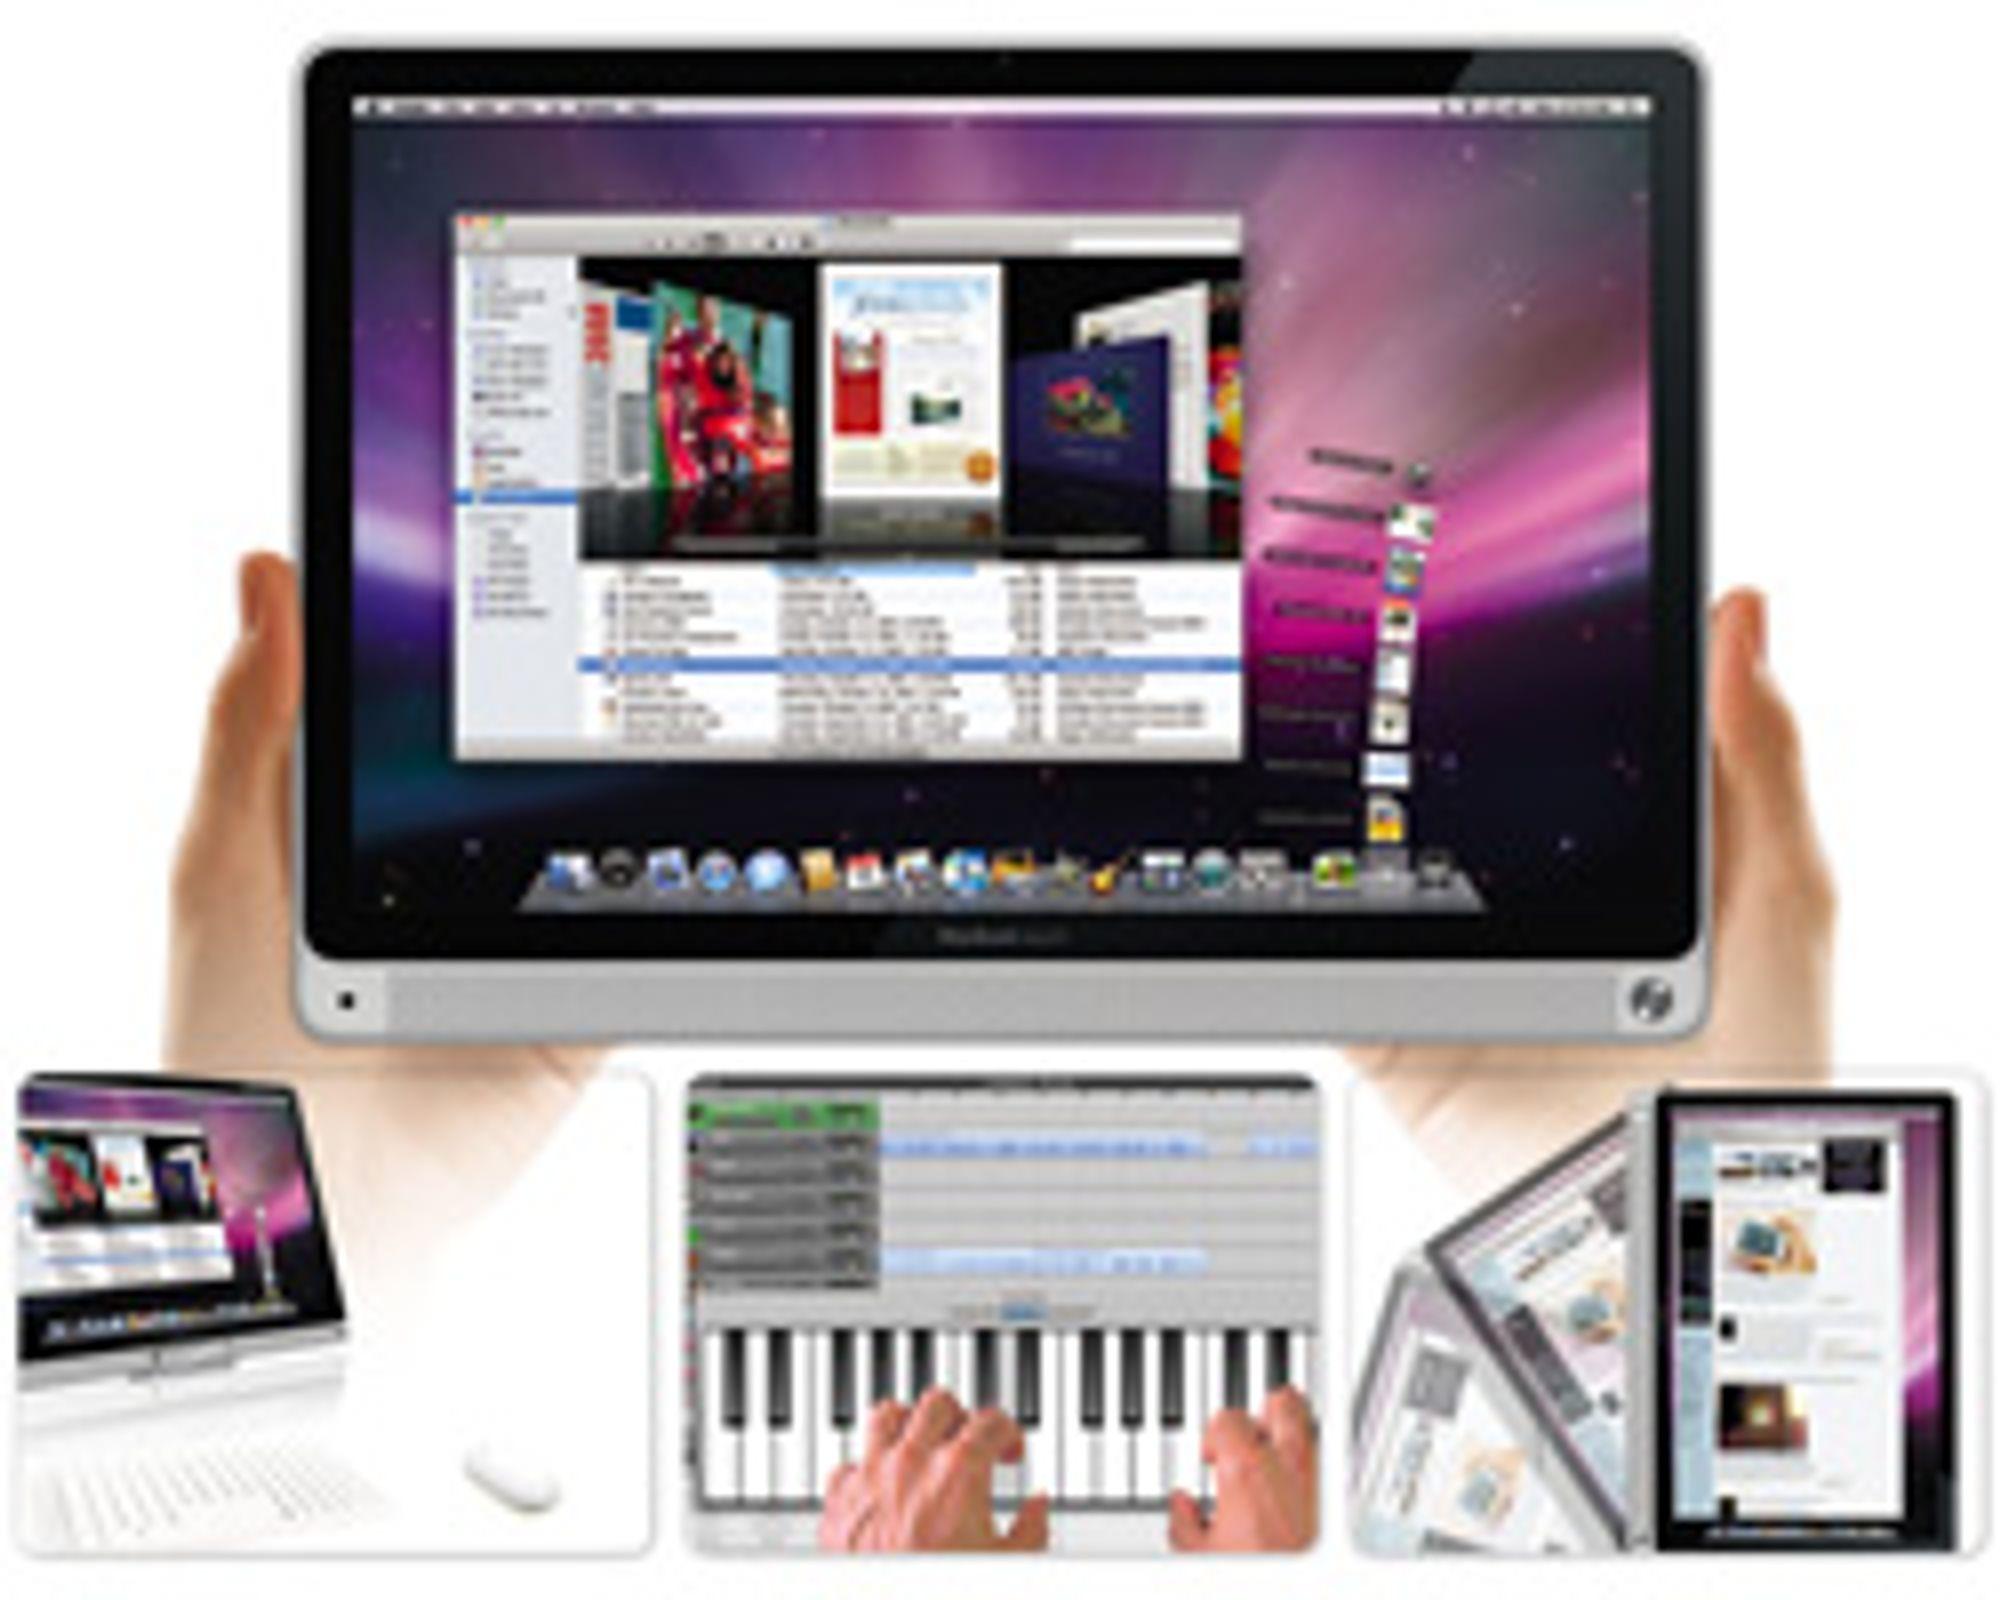 Slik kan den trykkfølsomme Macbook se ut. (Bilde: Gizmodo)